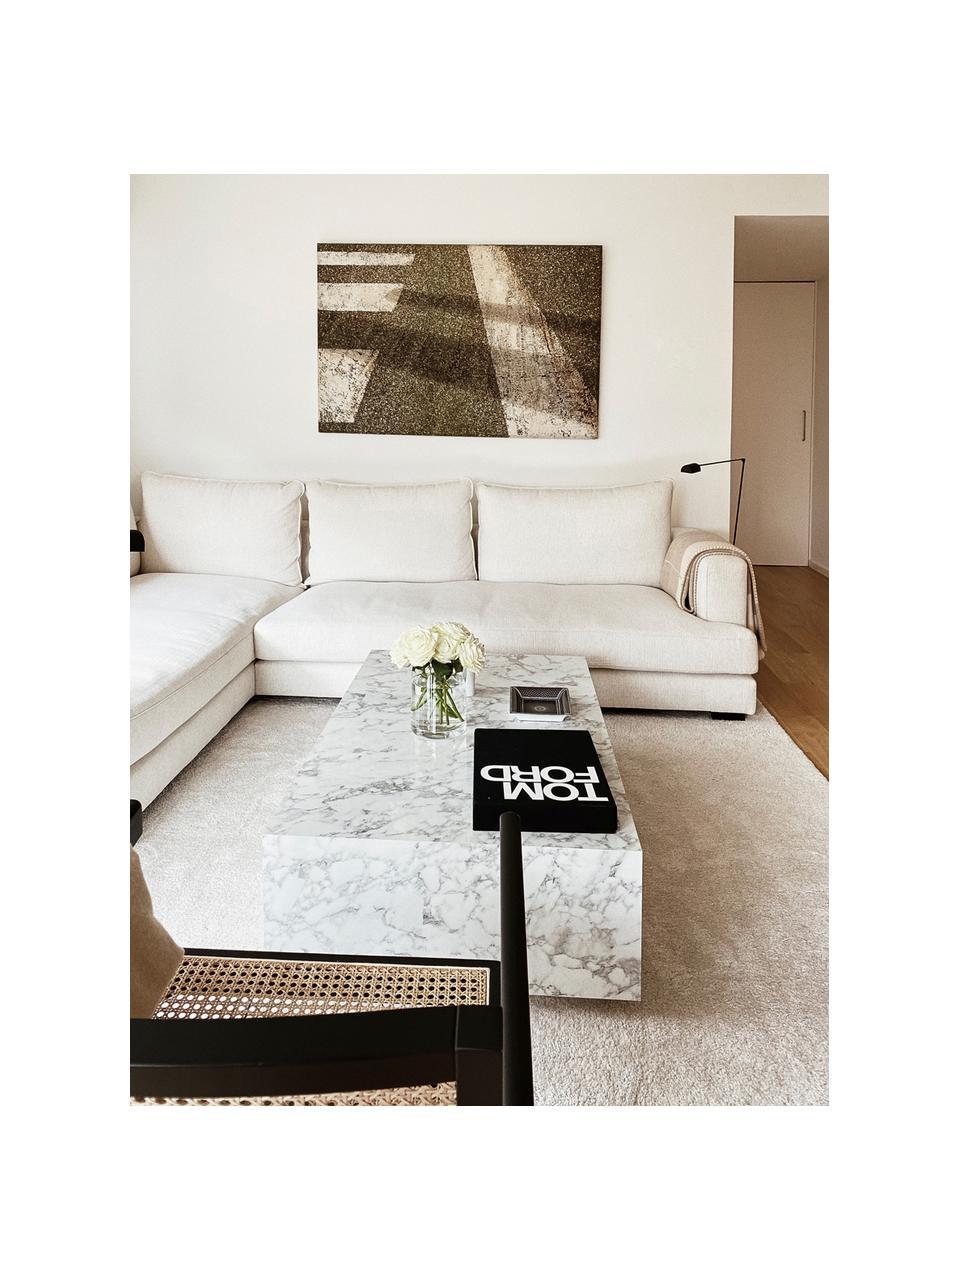 Stolik kawowy z imitacją marmuru Lesley, Płyta pilśniowa średniej gęstości (MDF) pokryta folią melaminową, Biały, imitacja marmuru, S 120 x W 35 cm